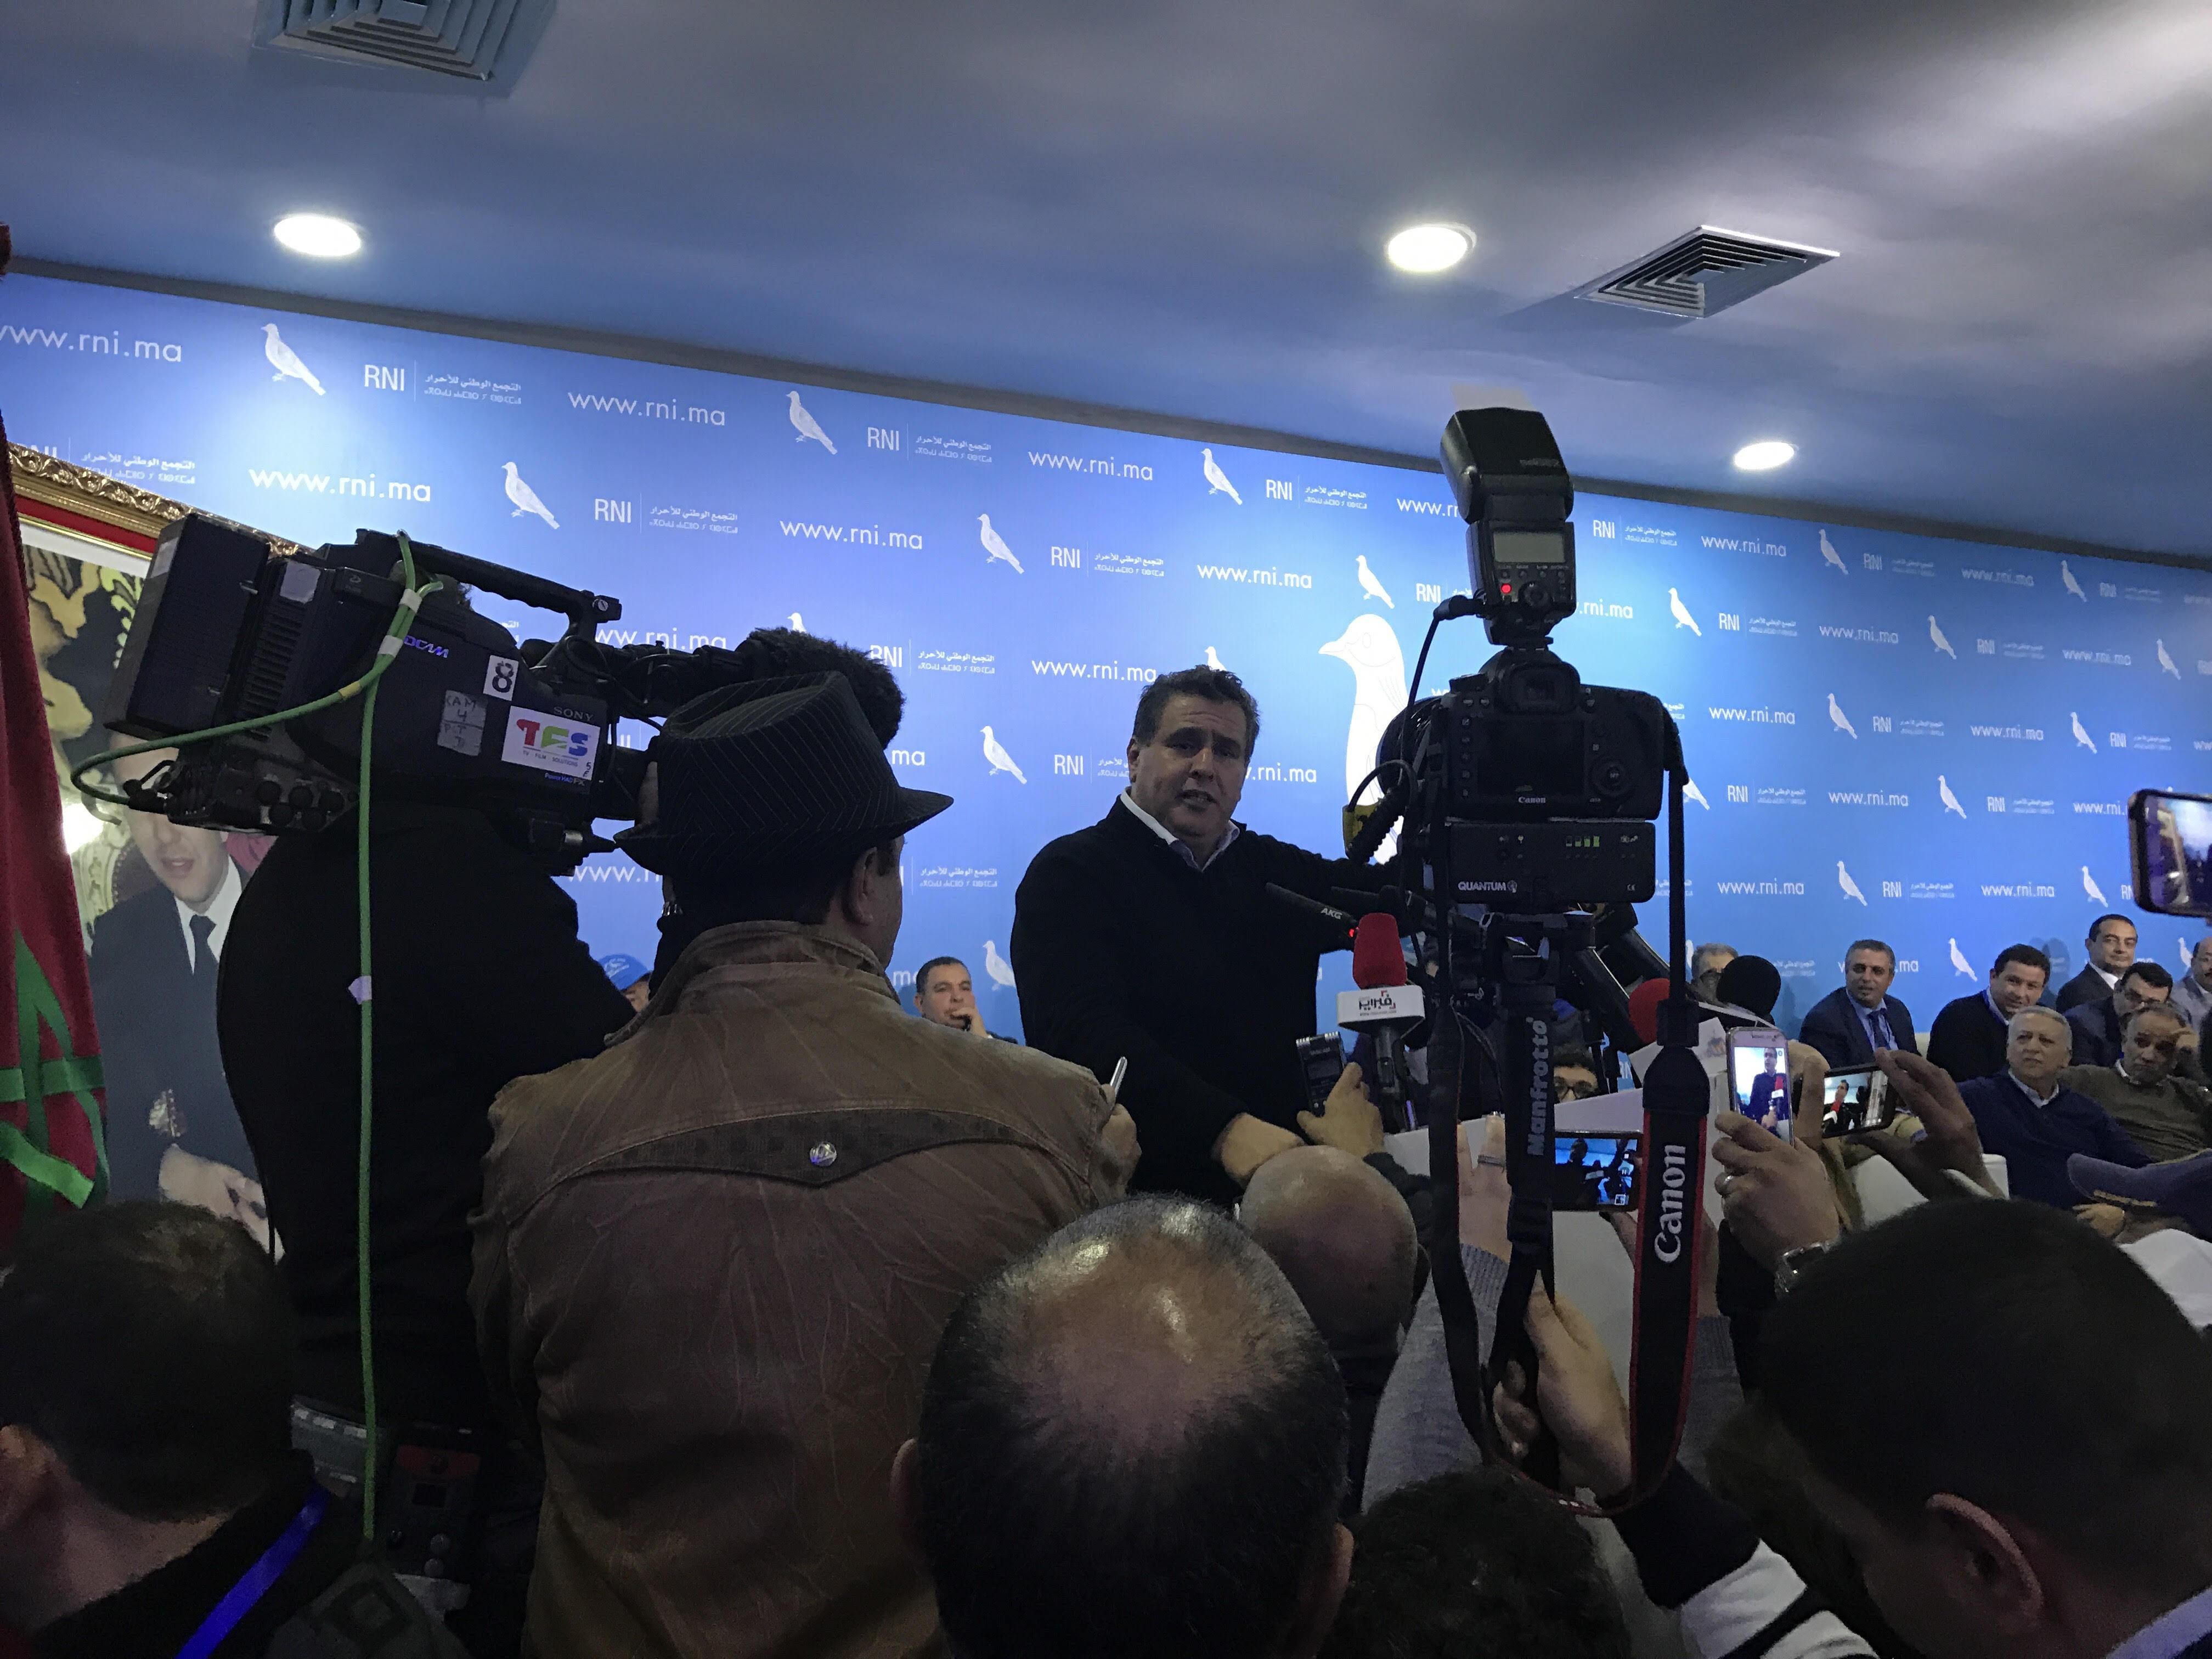 عاجل. اخنوش: لازم البرلمان يخرج من العطالة ديالو ويشتغل